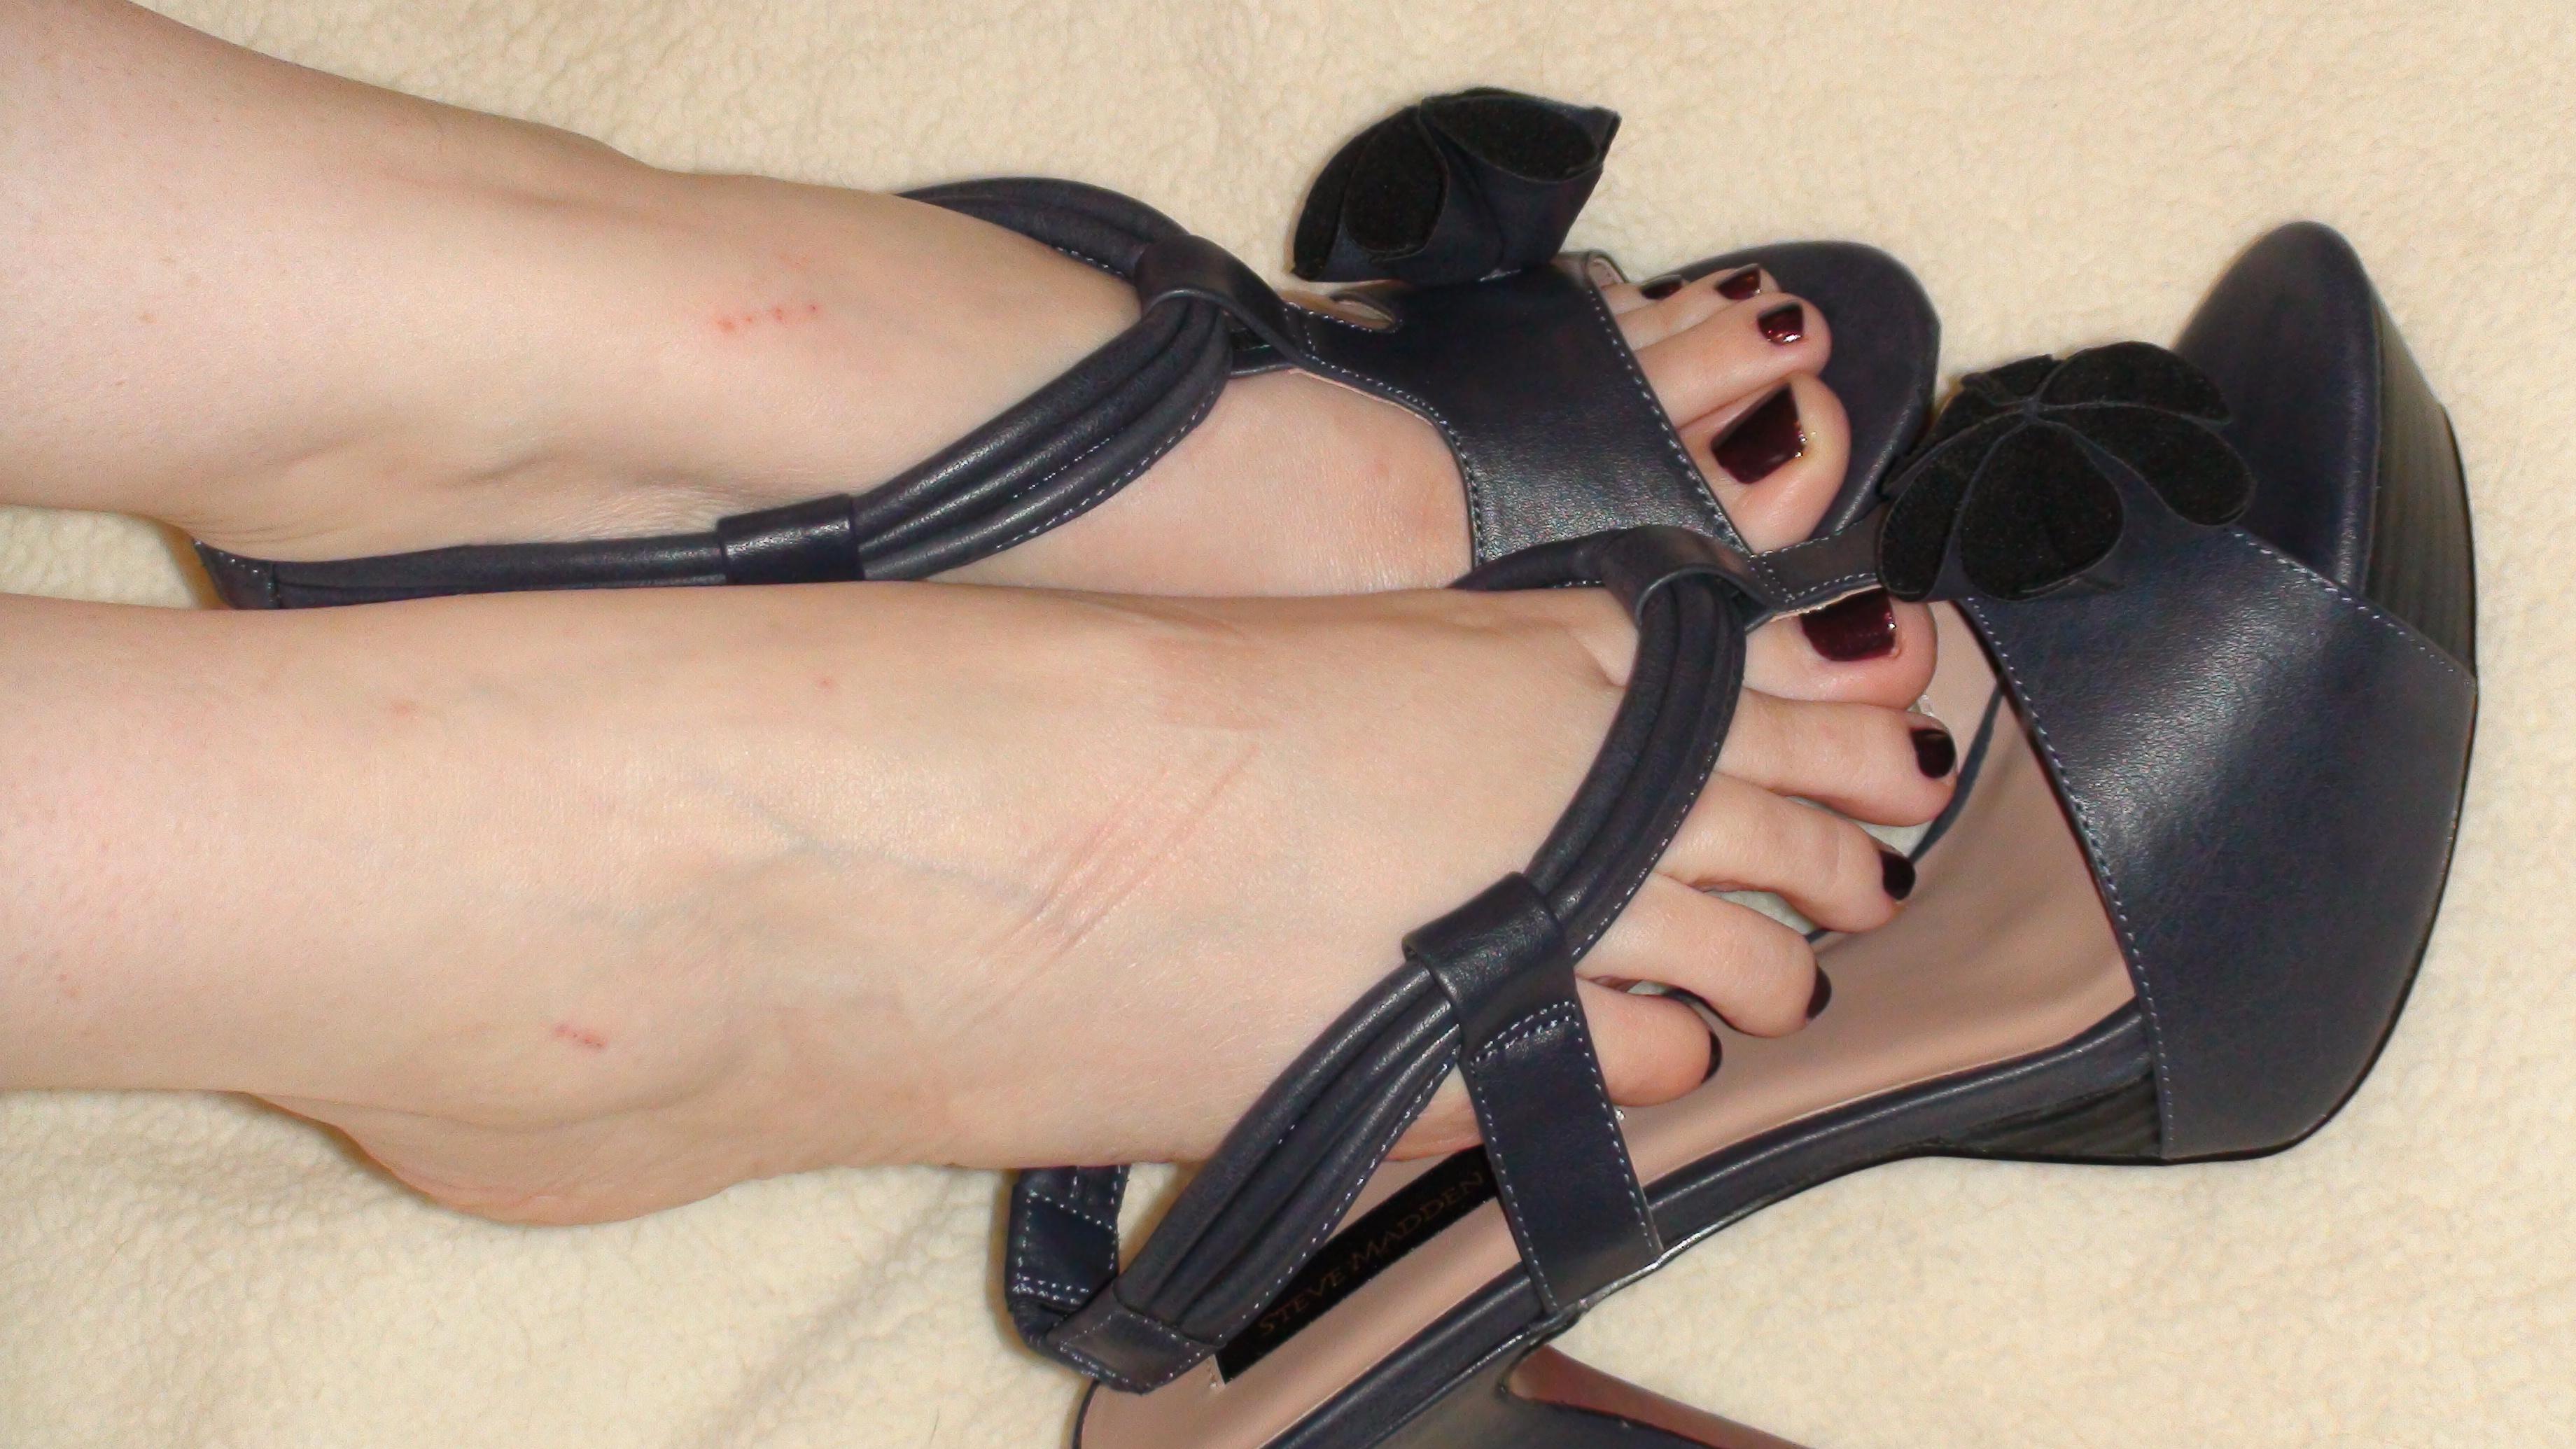 Целовать туфли фото, Целует ножки девушки в туфлях на каблуке 9 фотография